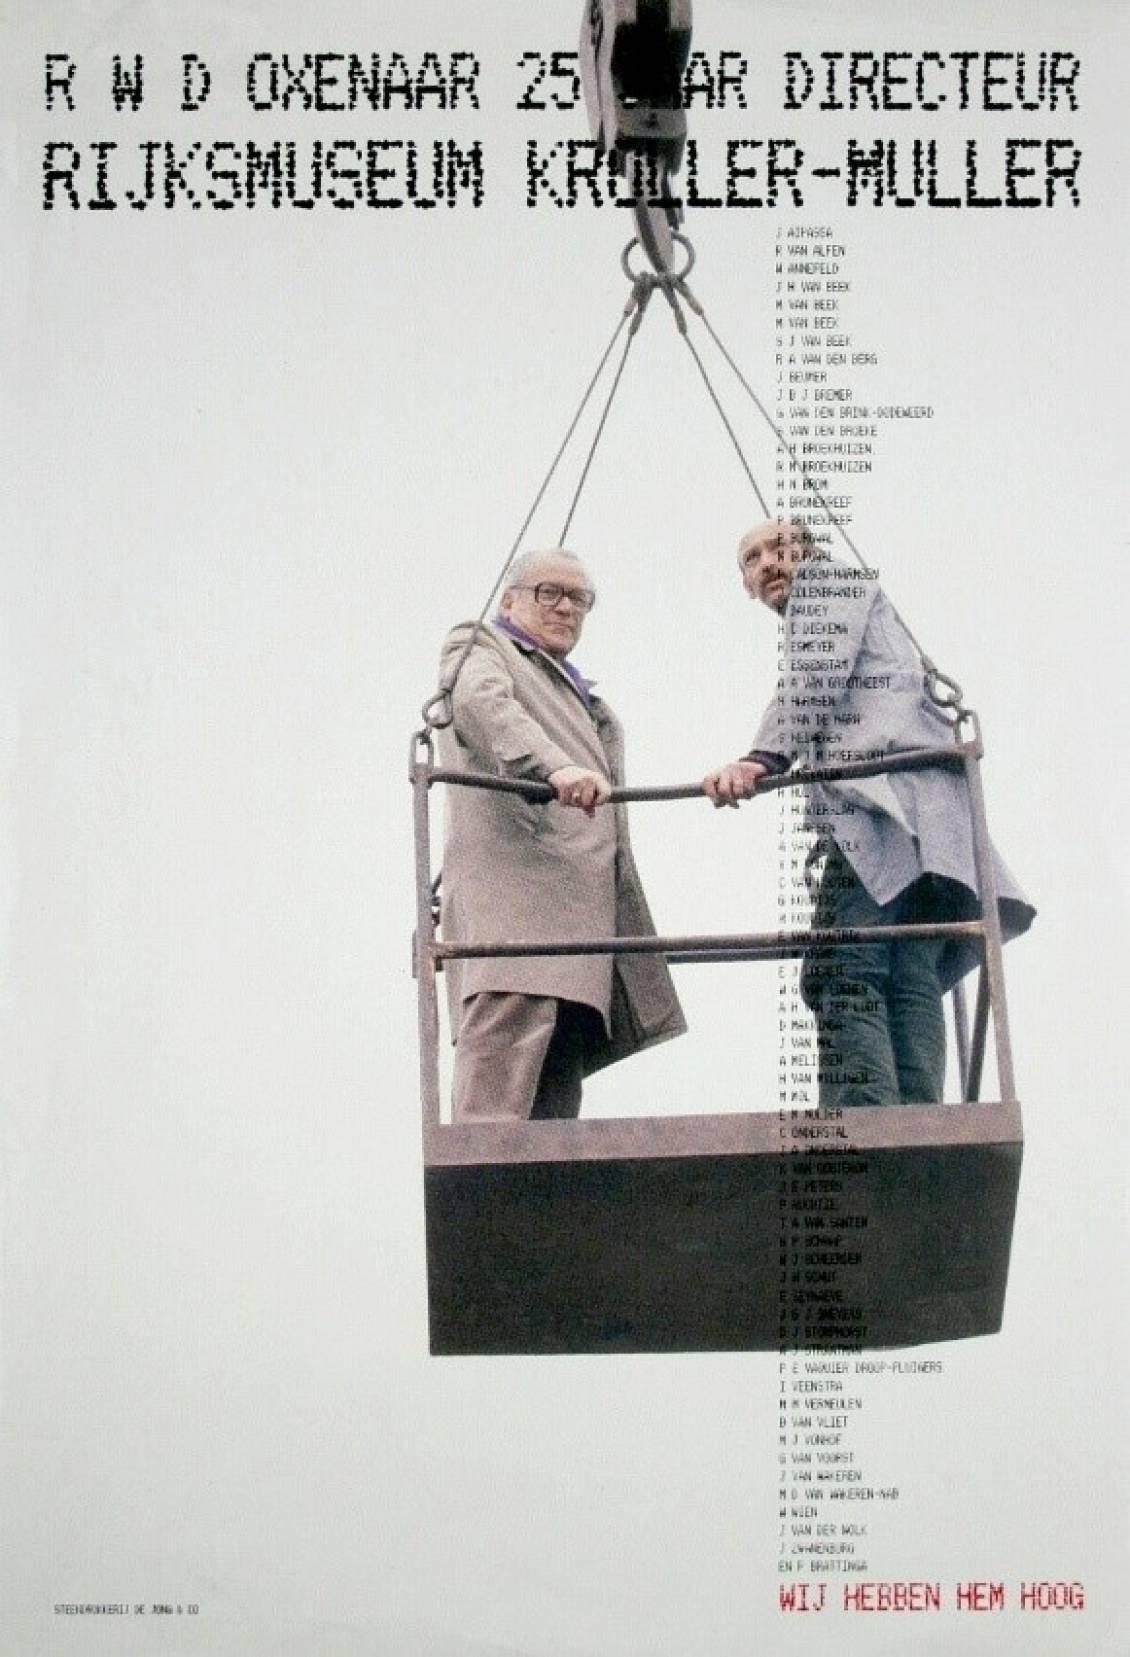 Oxenaar 25 years as director, 1988